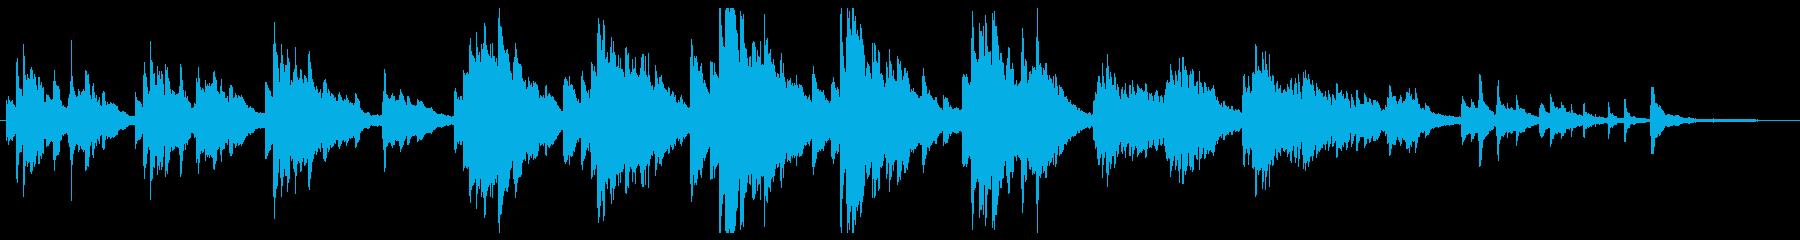 切ない静かピアノソロの再生済みの波形